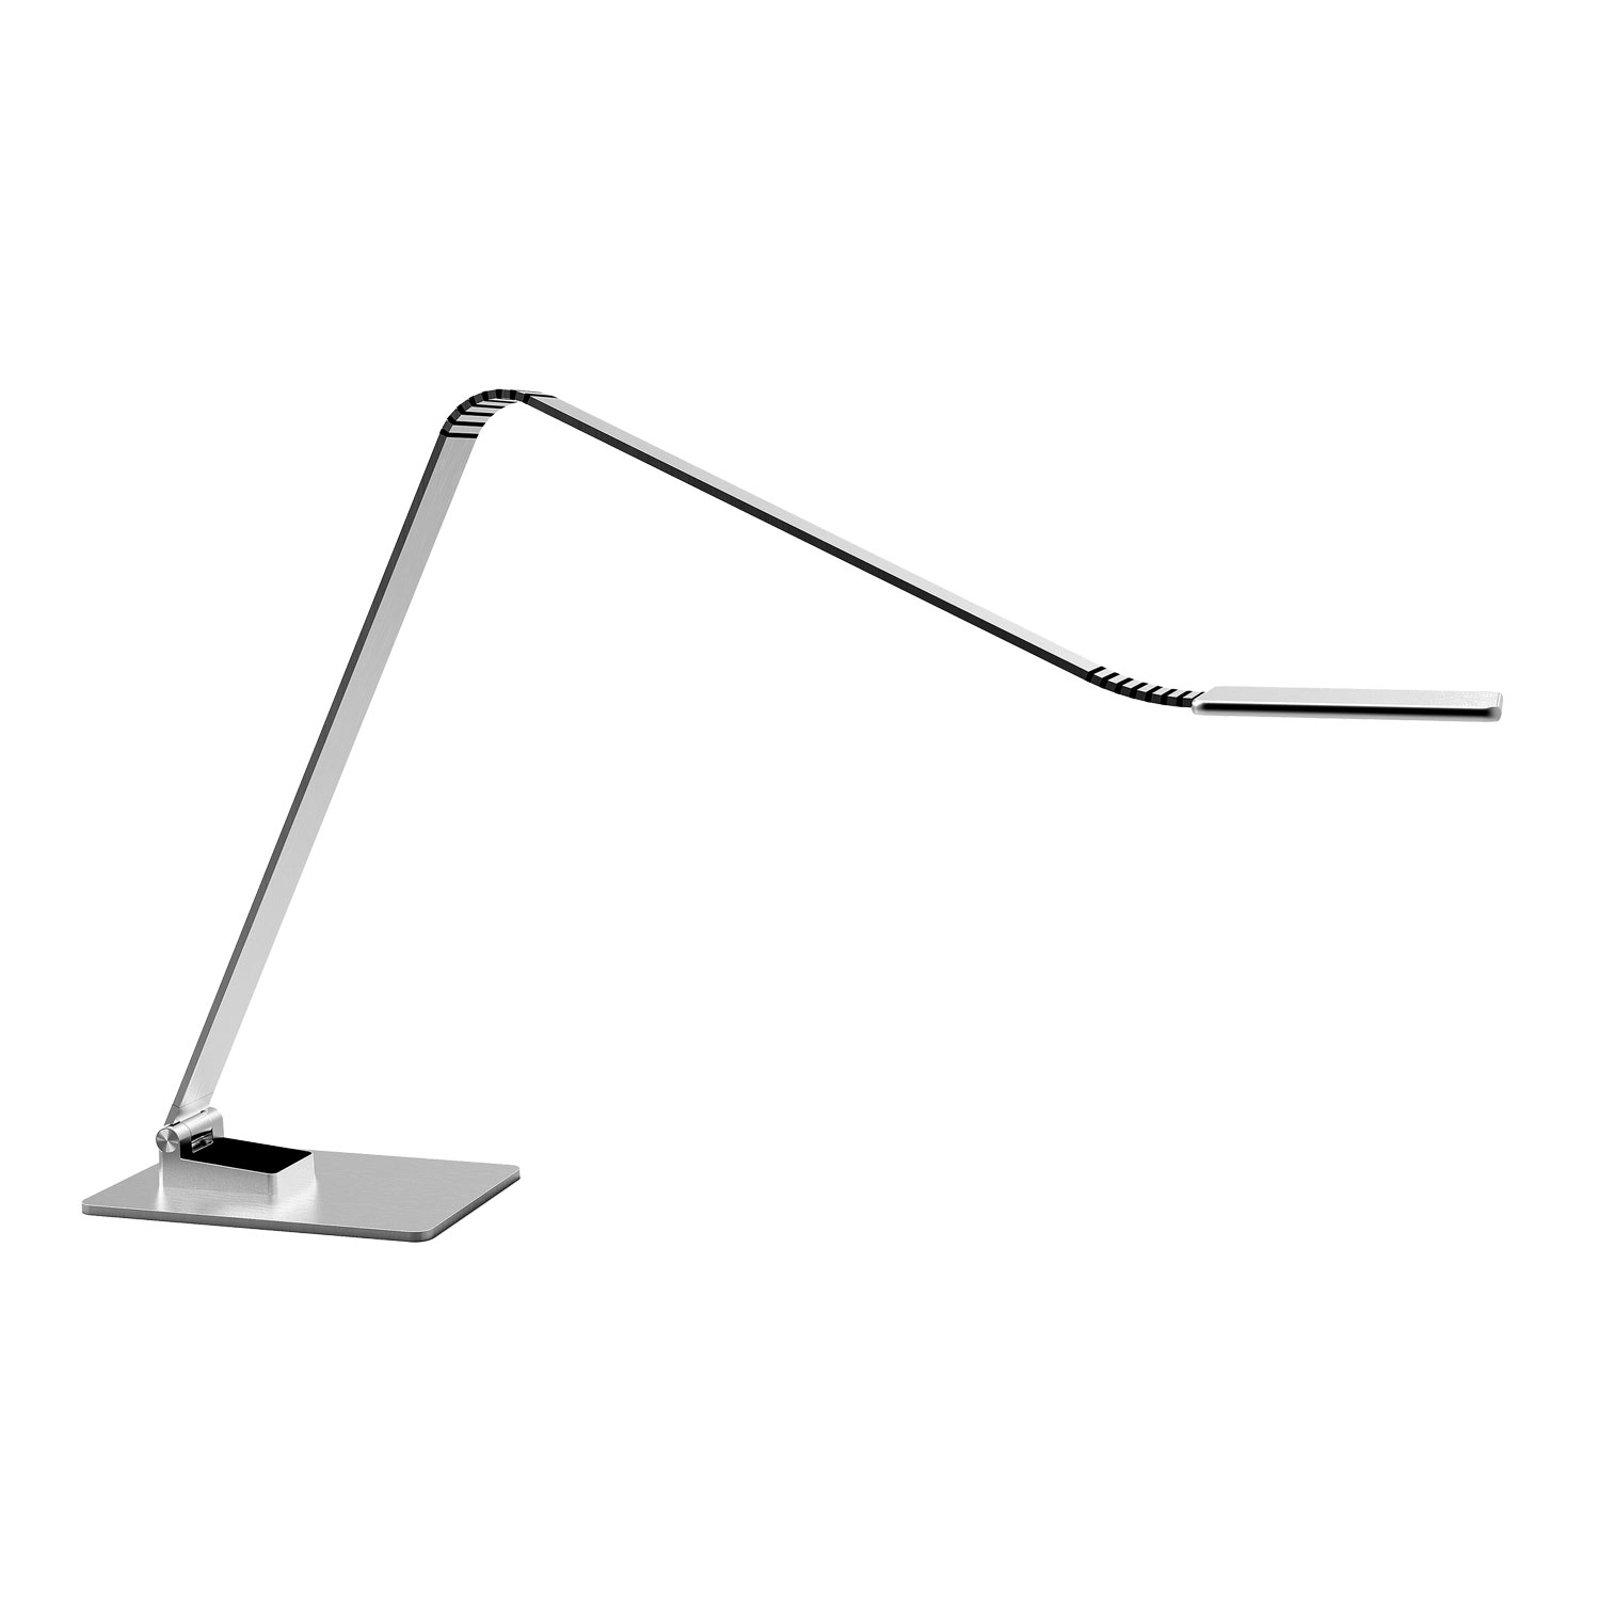 TRAE Muse 2 LED-skrivebordslampe, 4 000 K alu